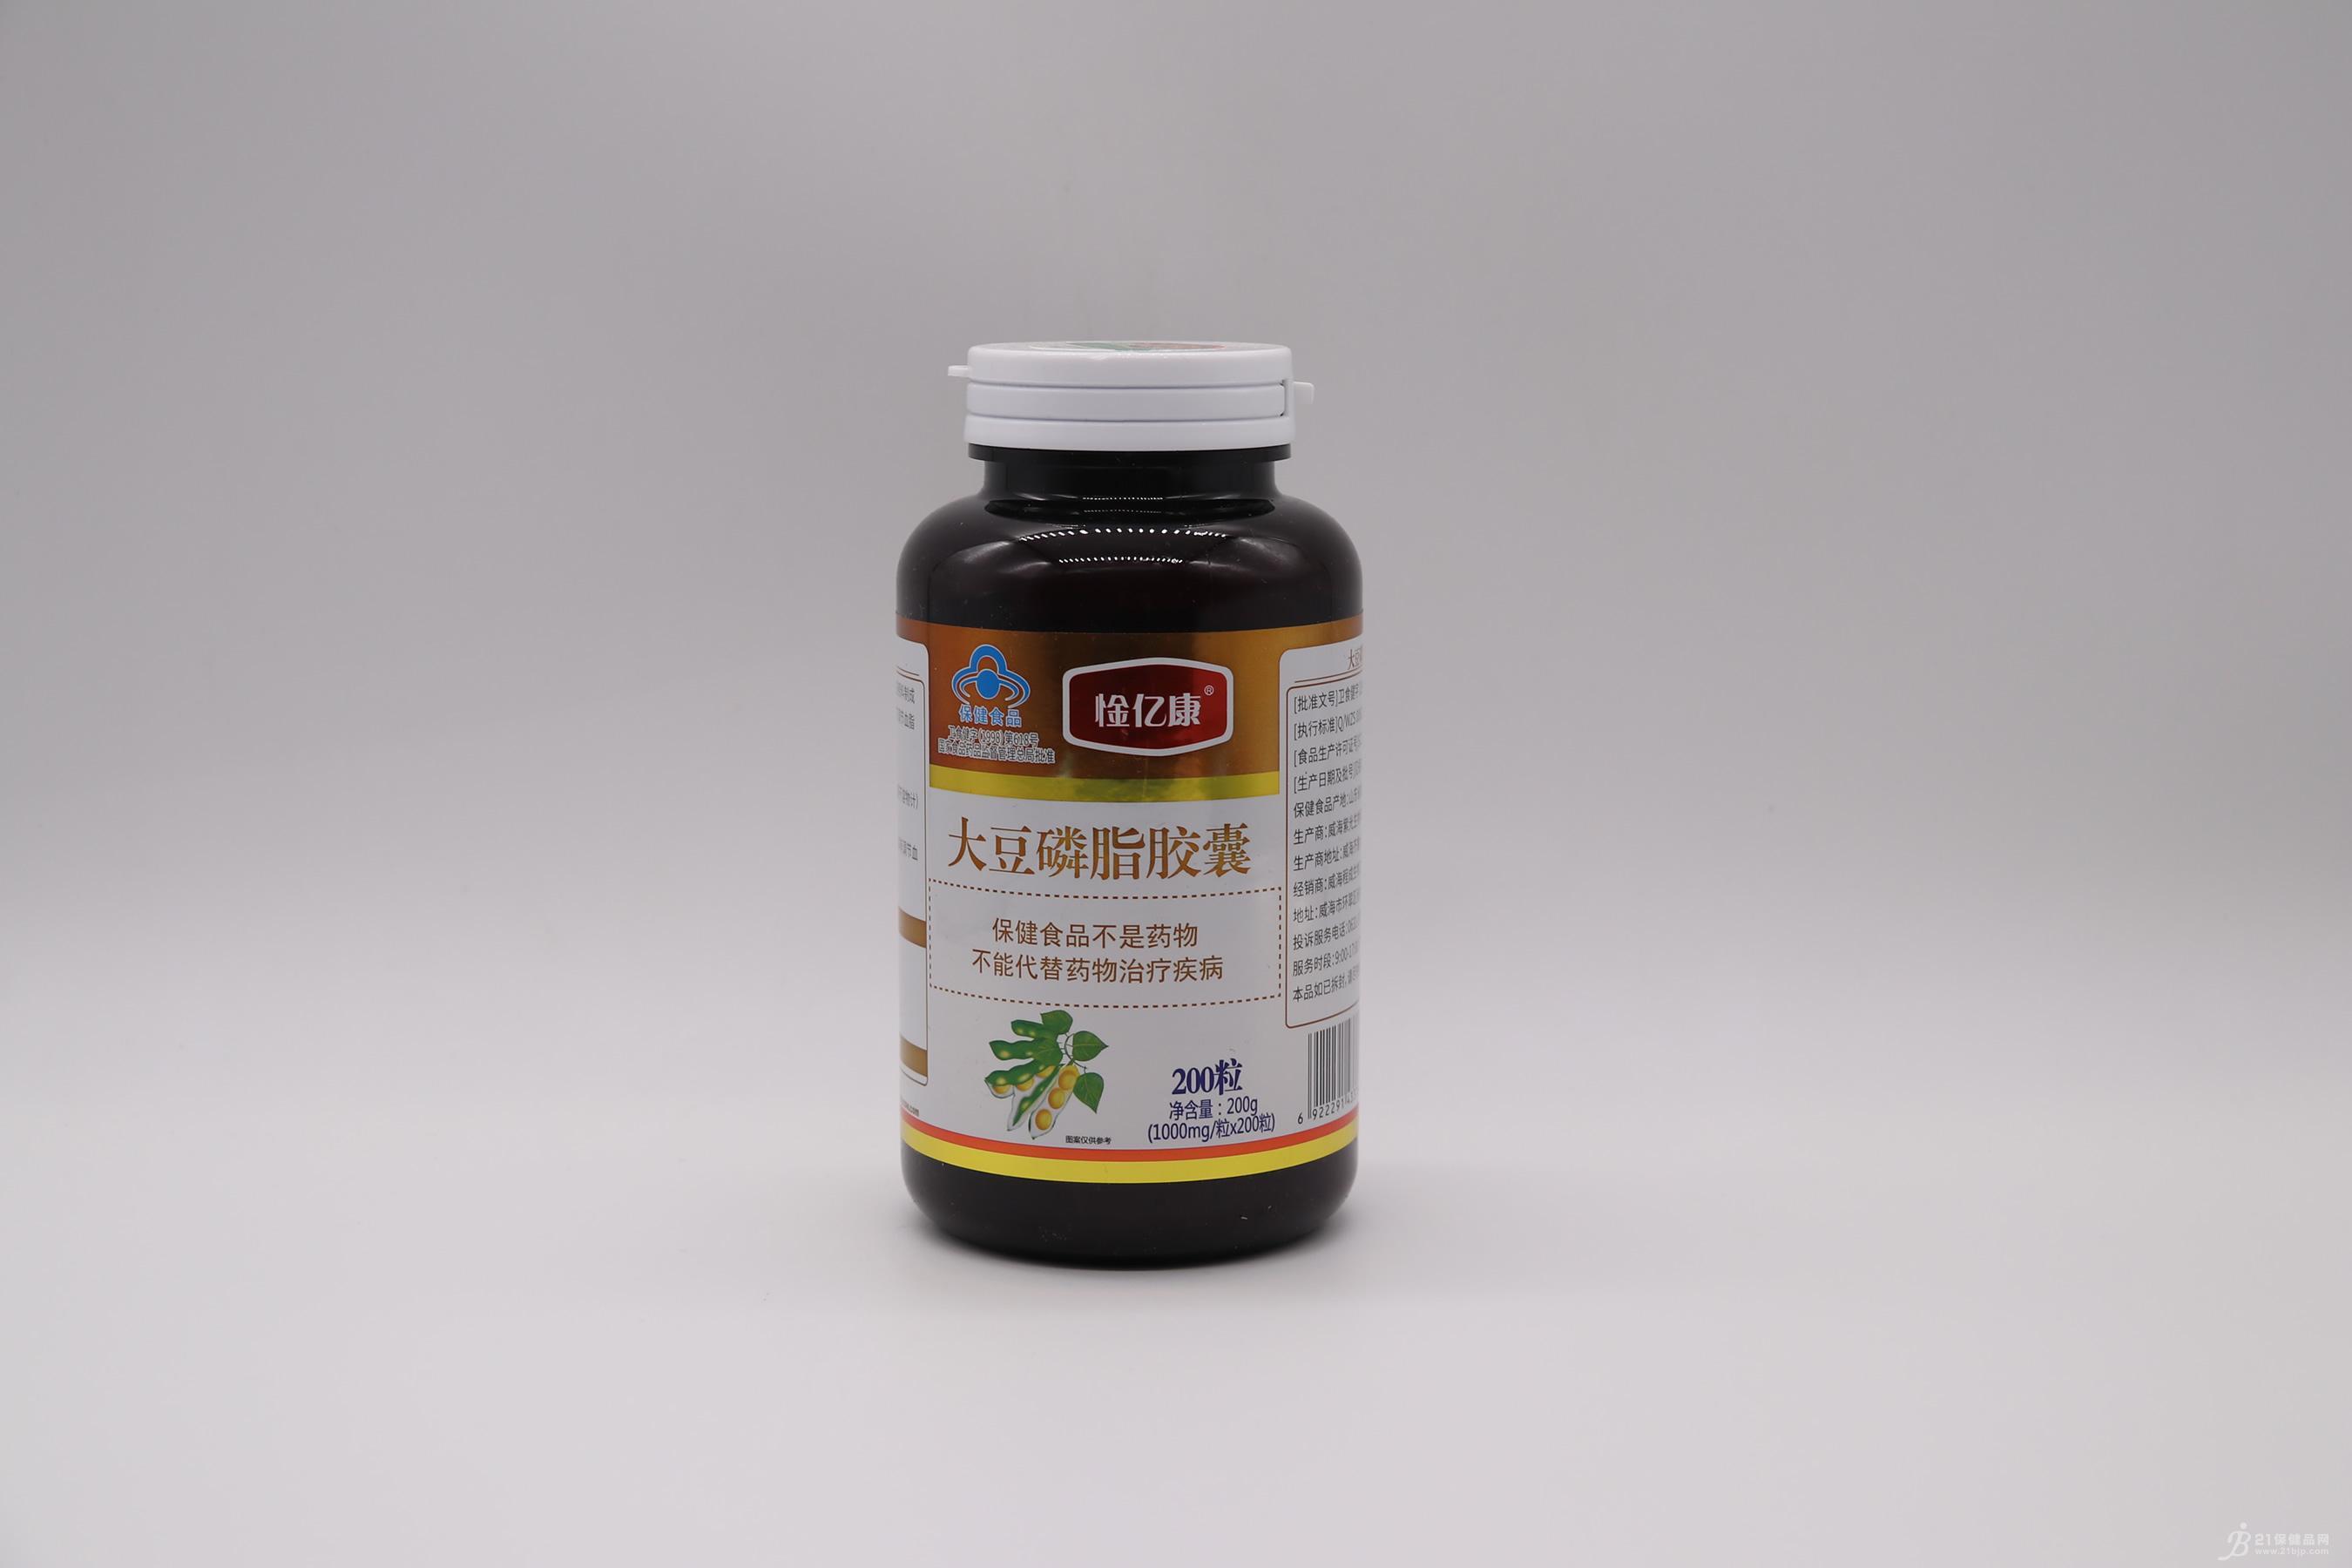 大豆磷脂胶囊1000mg*200粒/瓶招商